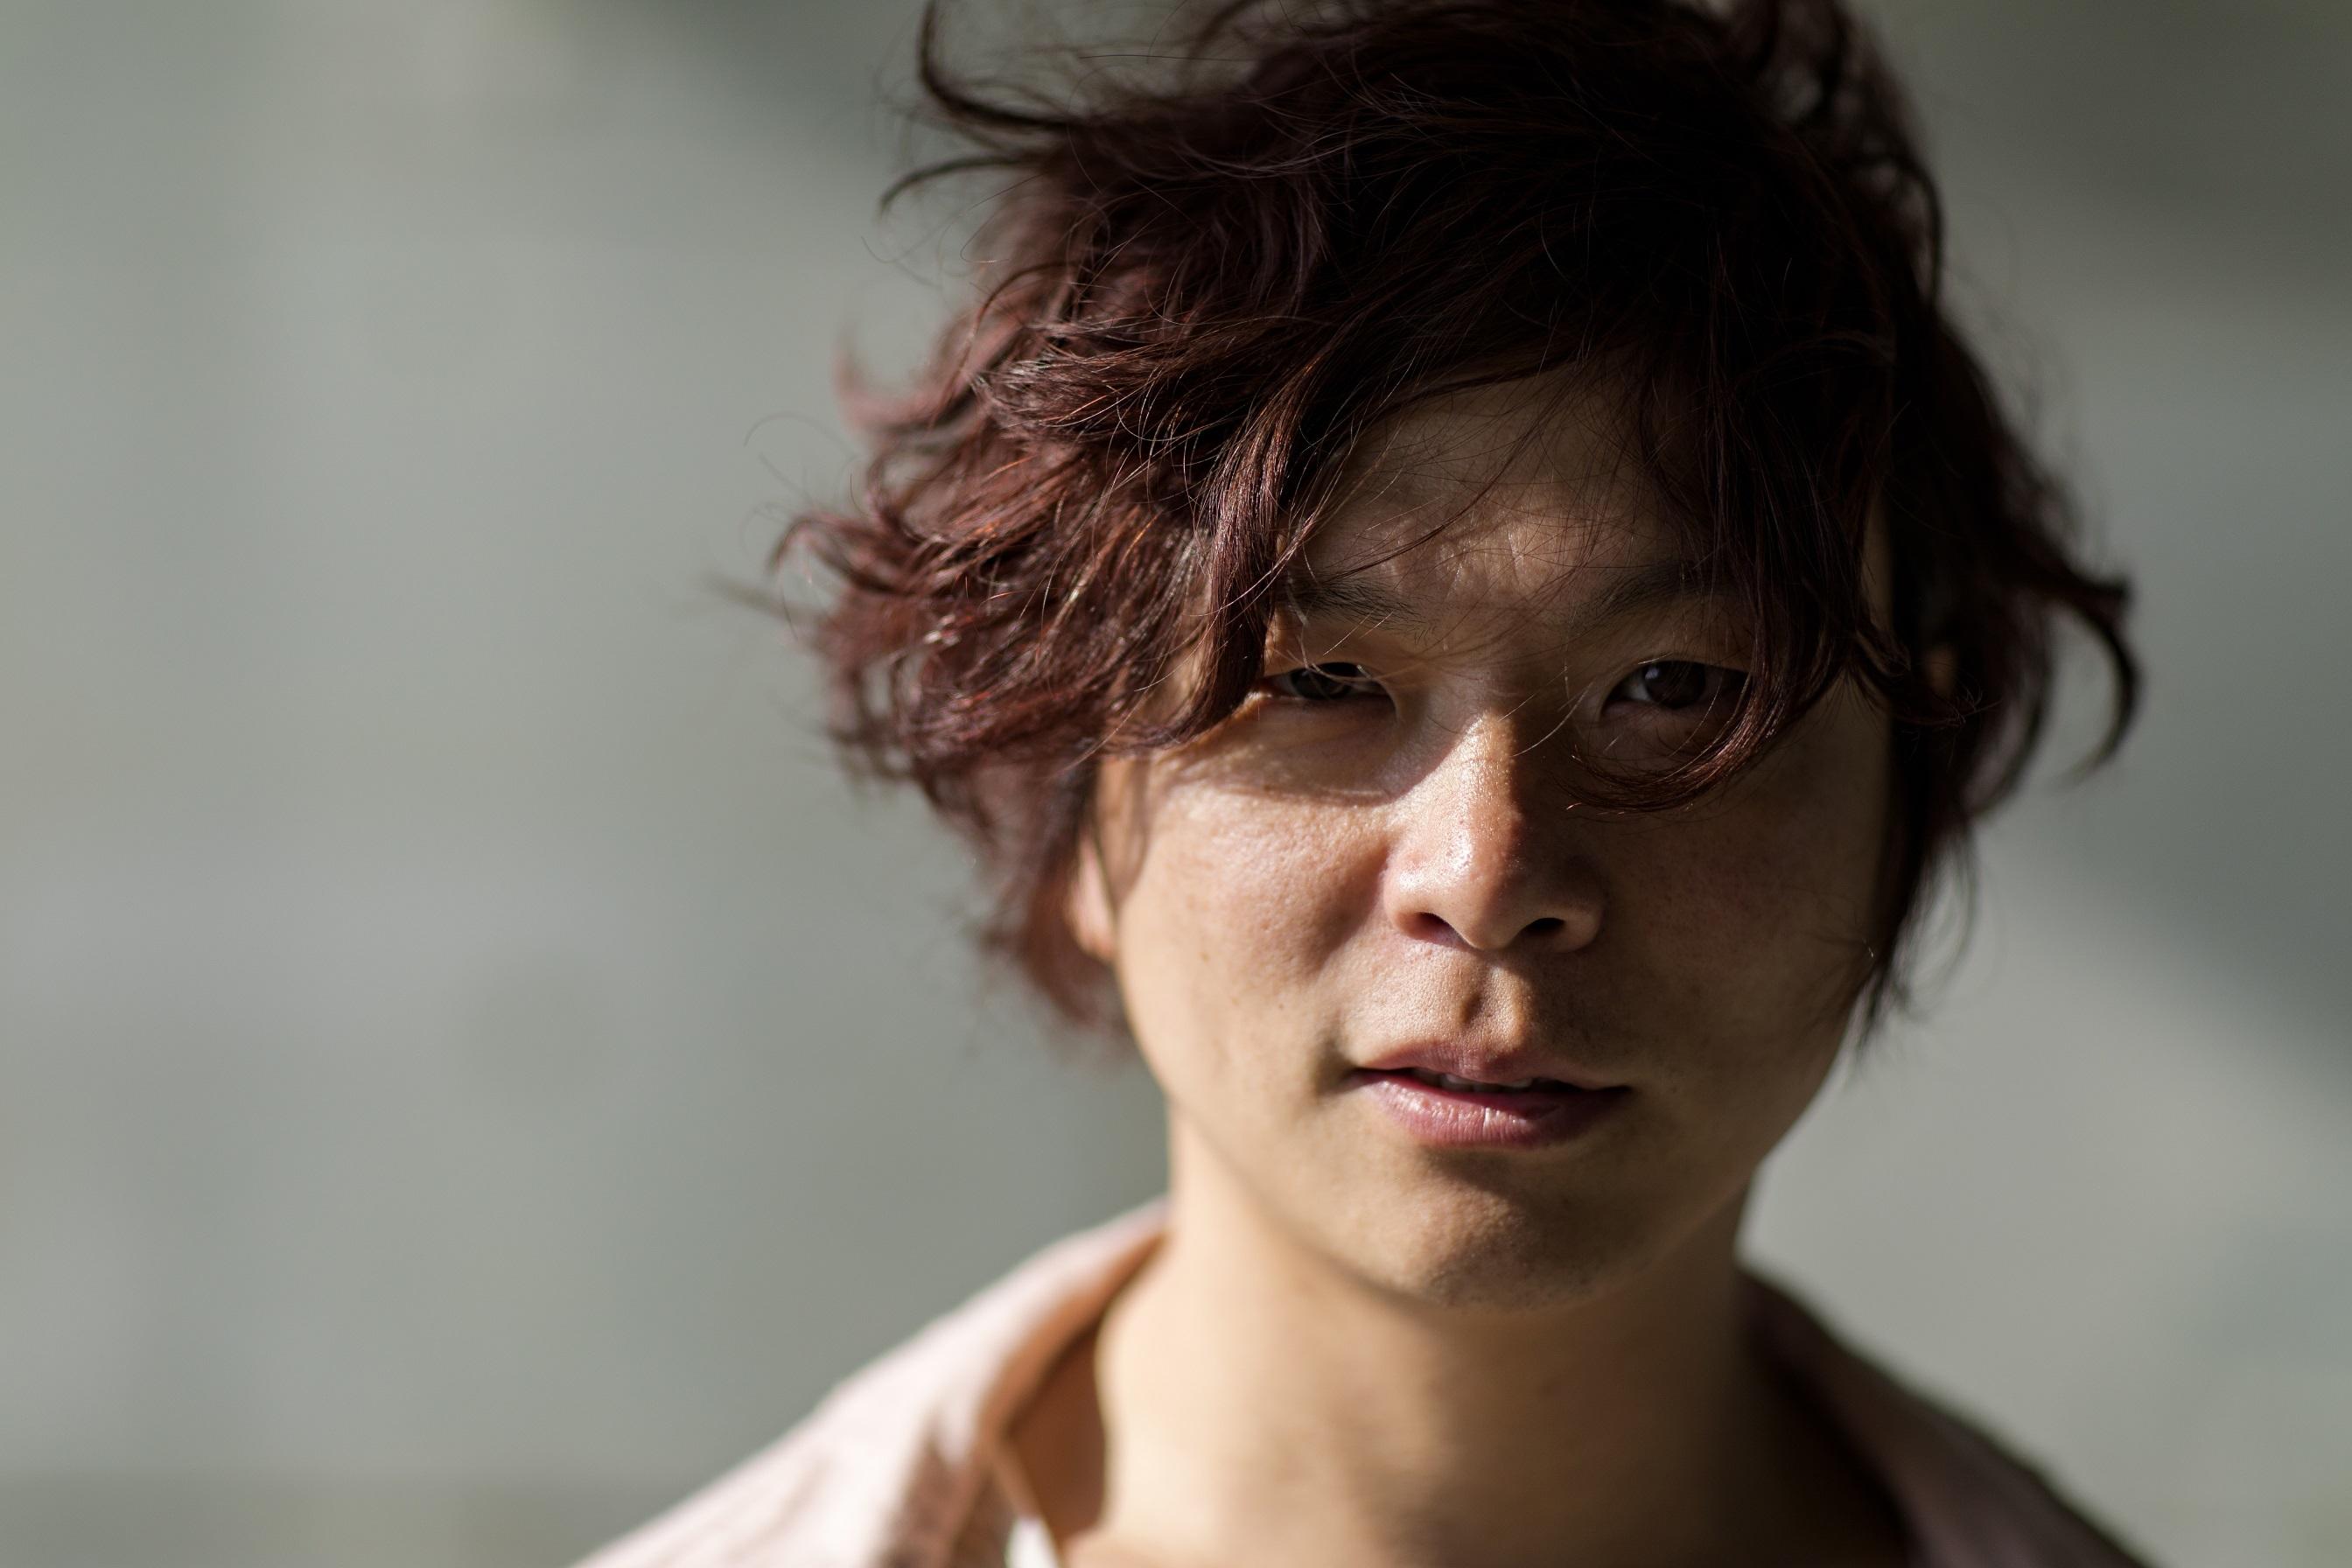 竹森マサユキ(カラーボトル)、ソロ1st アルバムリリース記念キャンペーン!